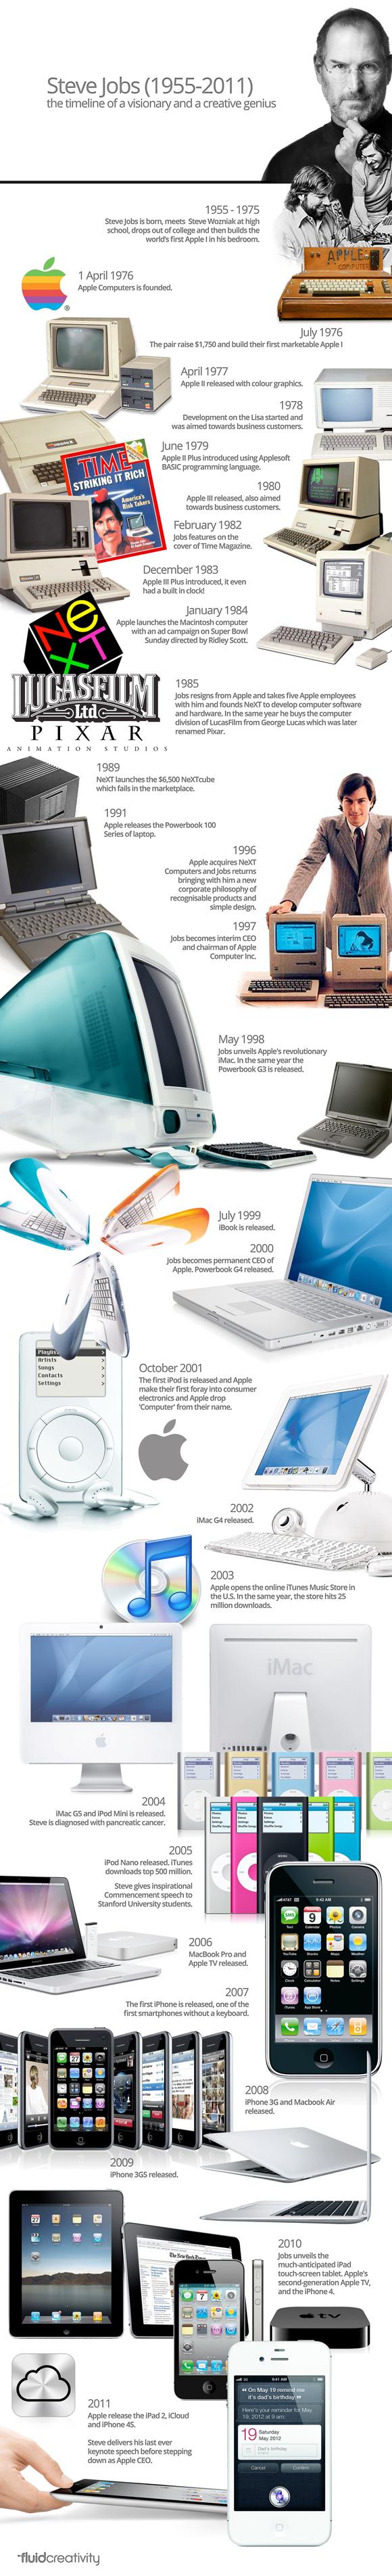 Steve Jobs Timeline Steve Jobs Steve Jobs Apple Infographic